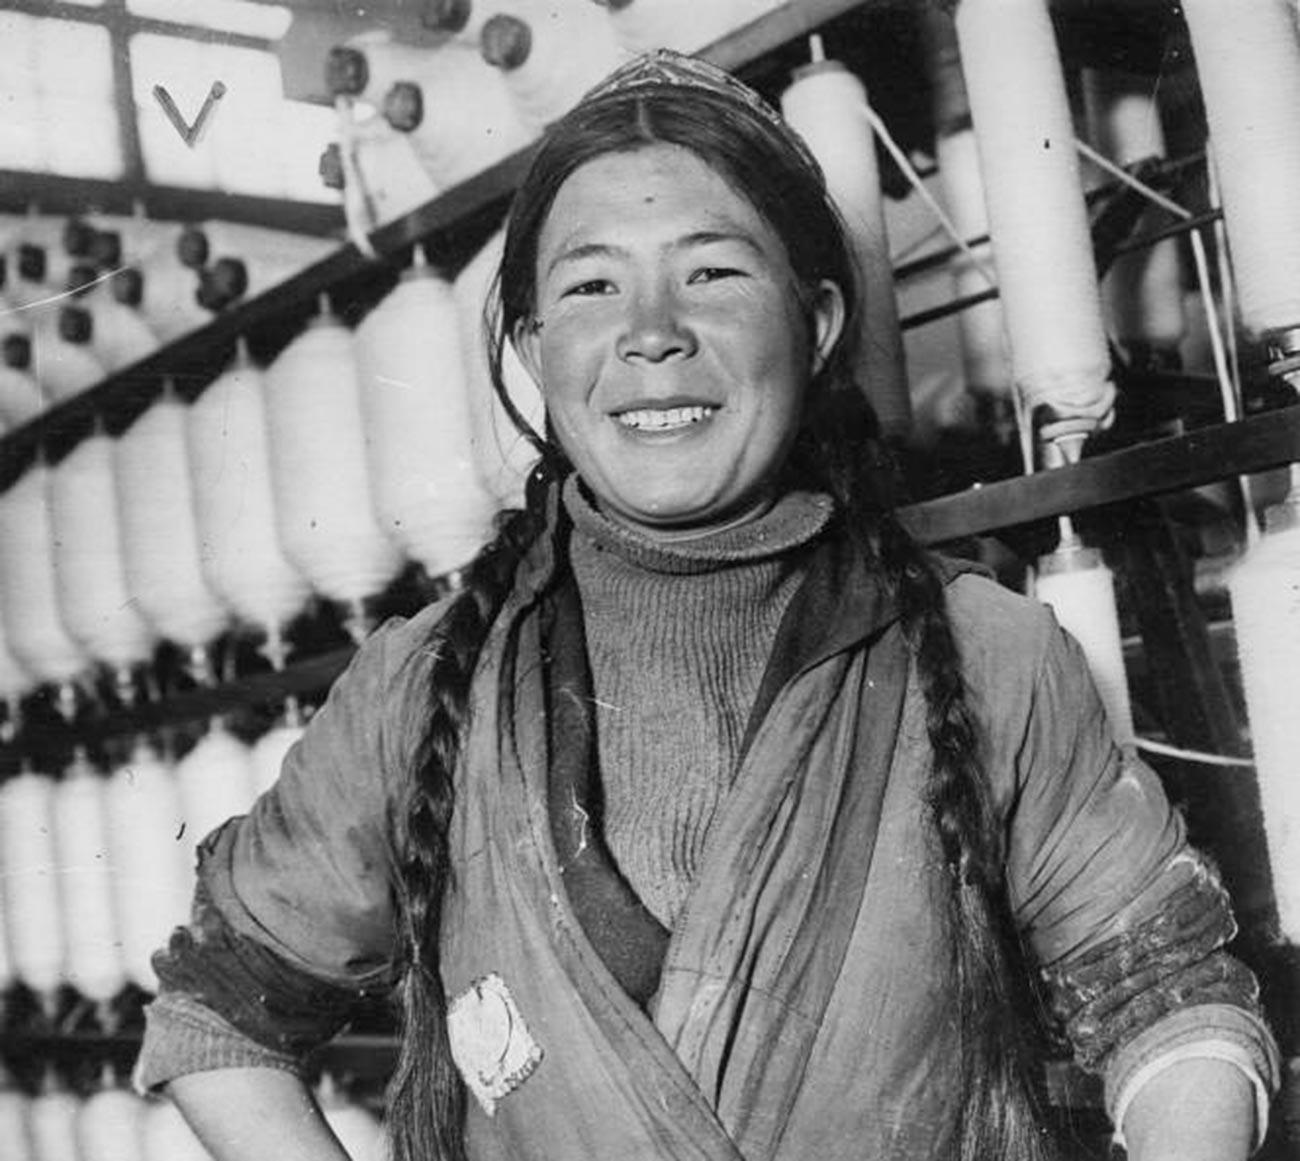 Gemulin Geledschijewa, eine der fleißigen Stachanowschina-Arbeiter, aus Tadschikistan, 1936.